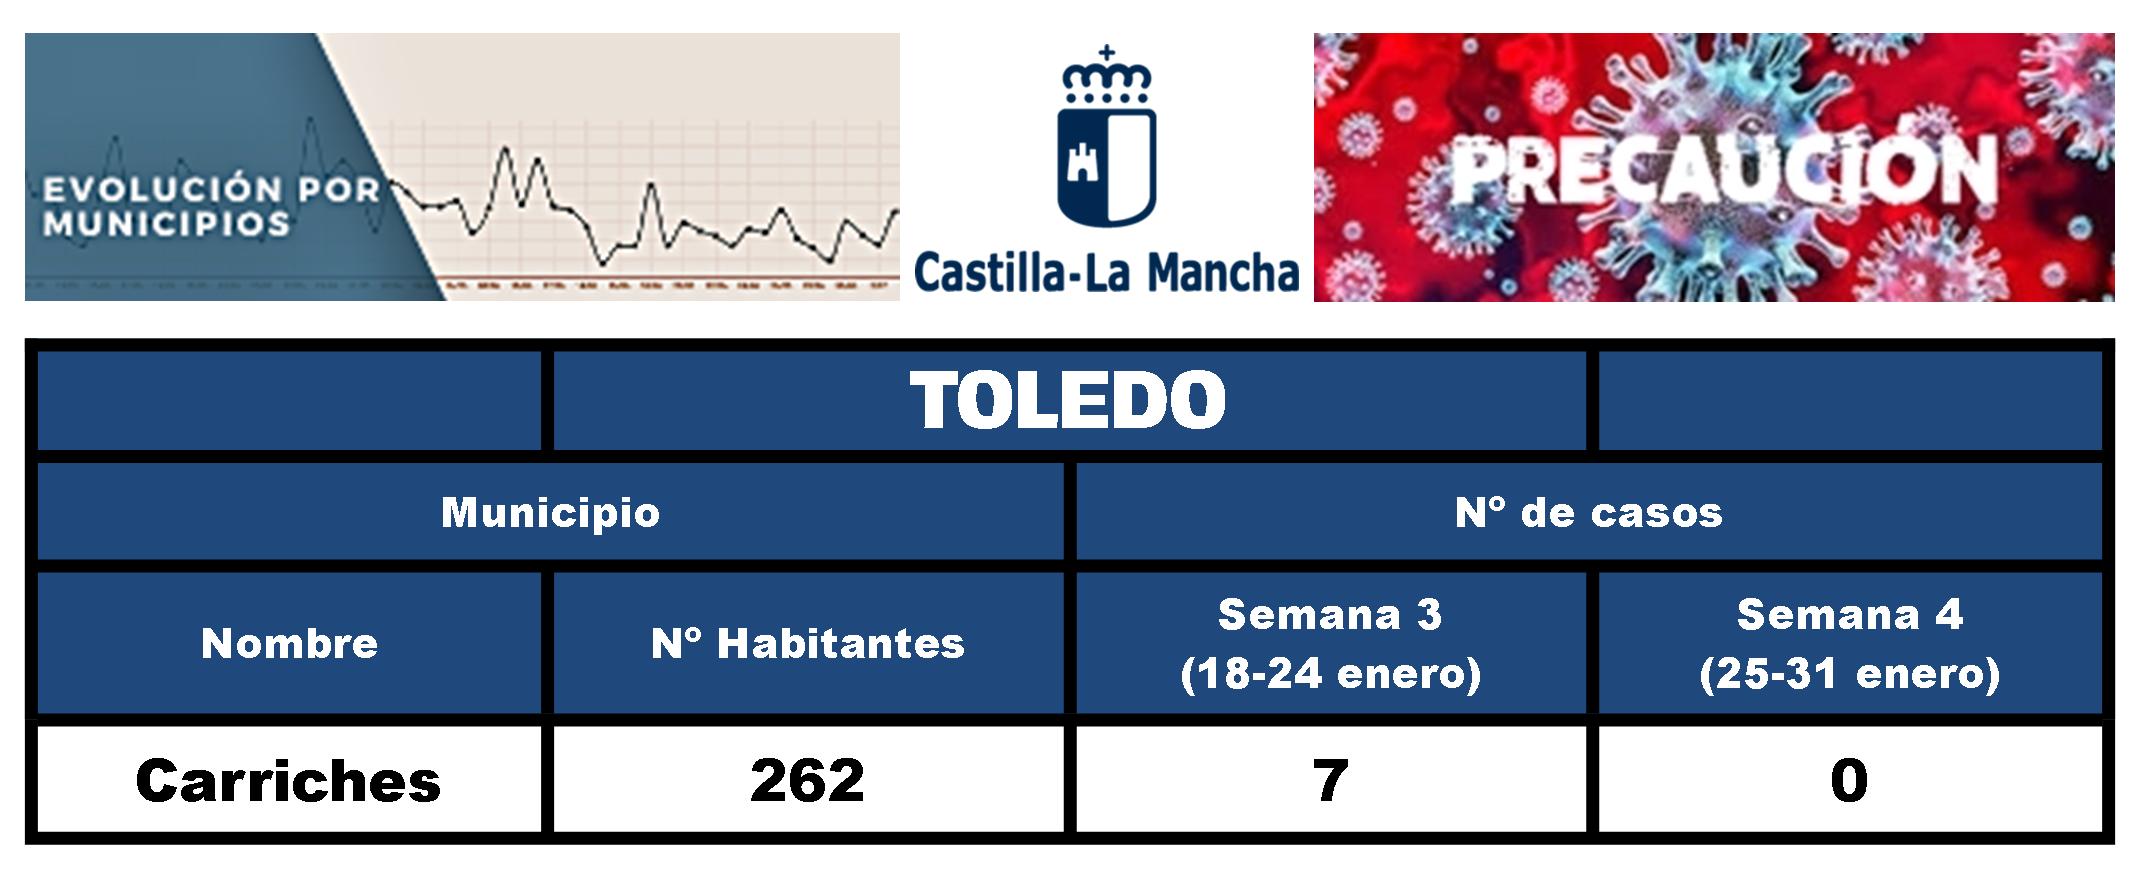 7 casos positivos de COVID-19 (enero 2021) - Carriches (Toledo)